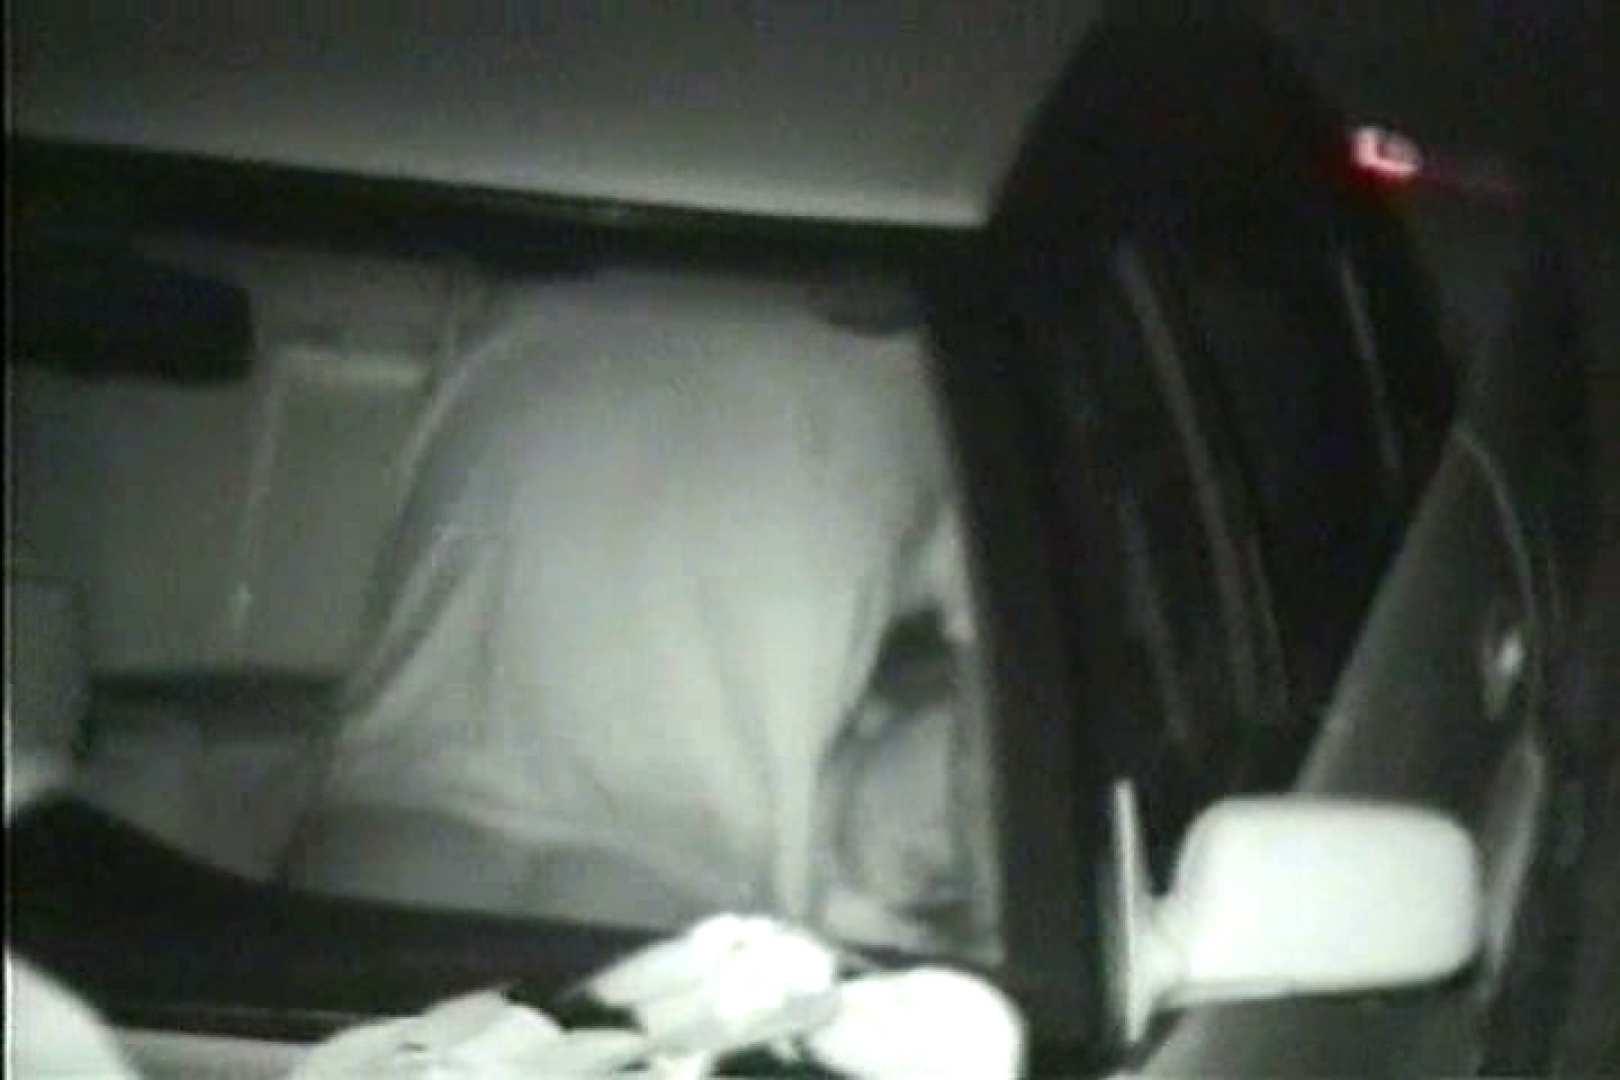 車の中はラブホテル 無修正版  Vol.10 OLの実態 盗撮われめAV動画紹介 33pic 10